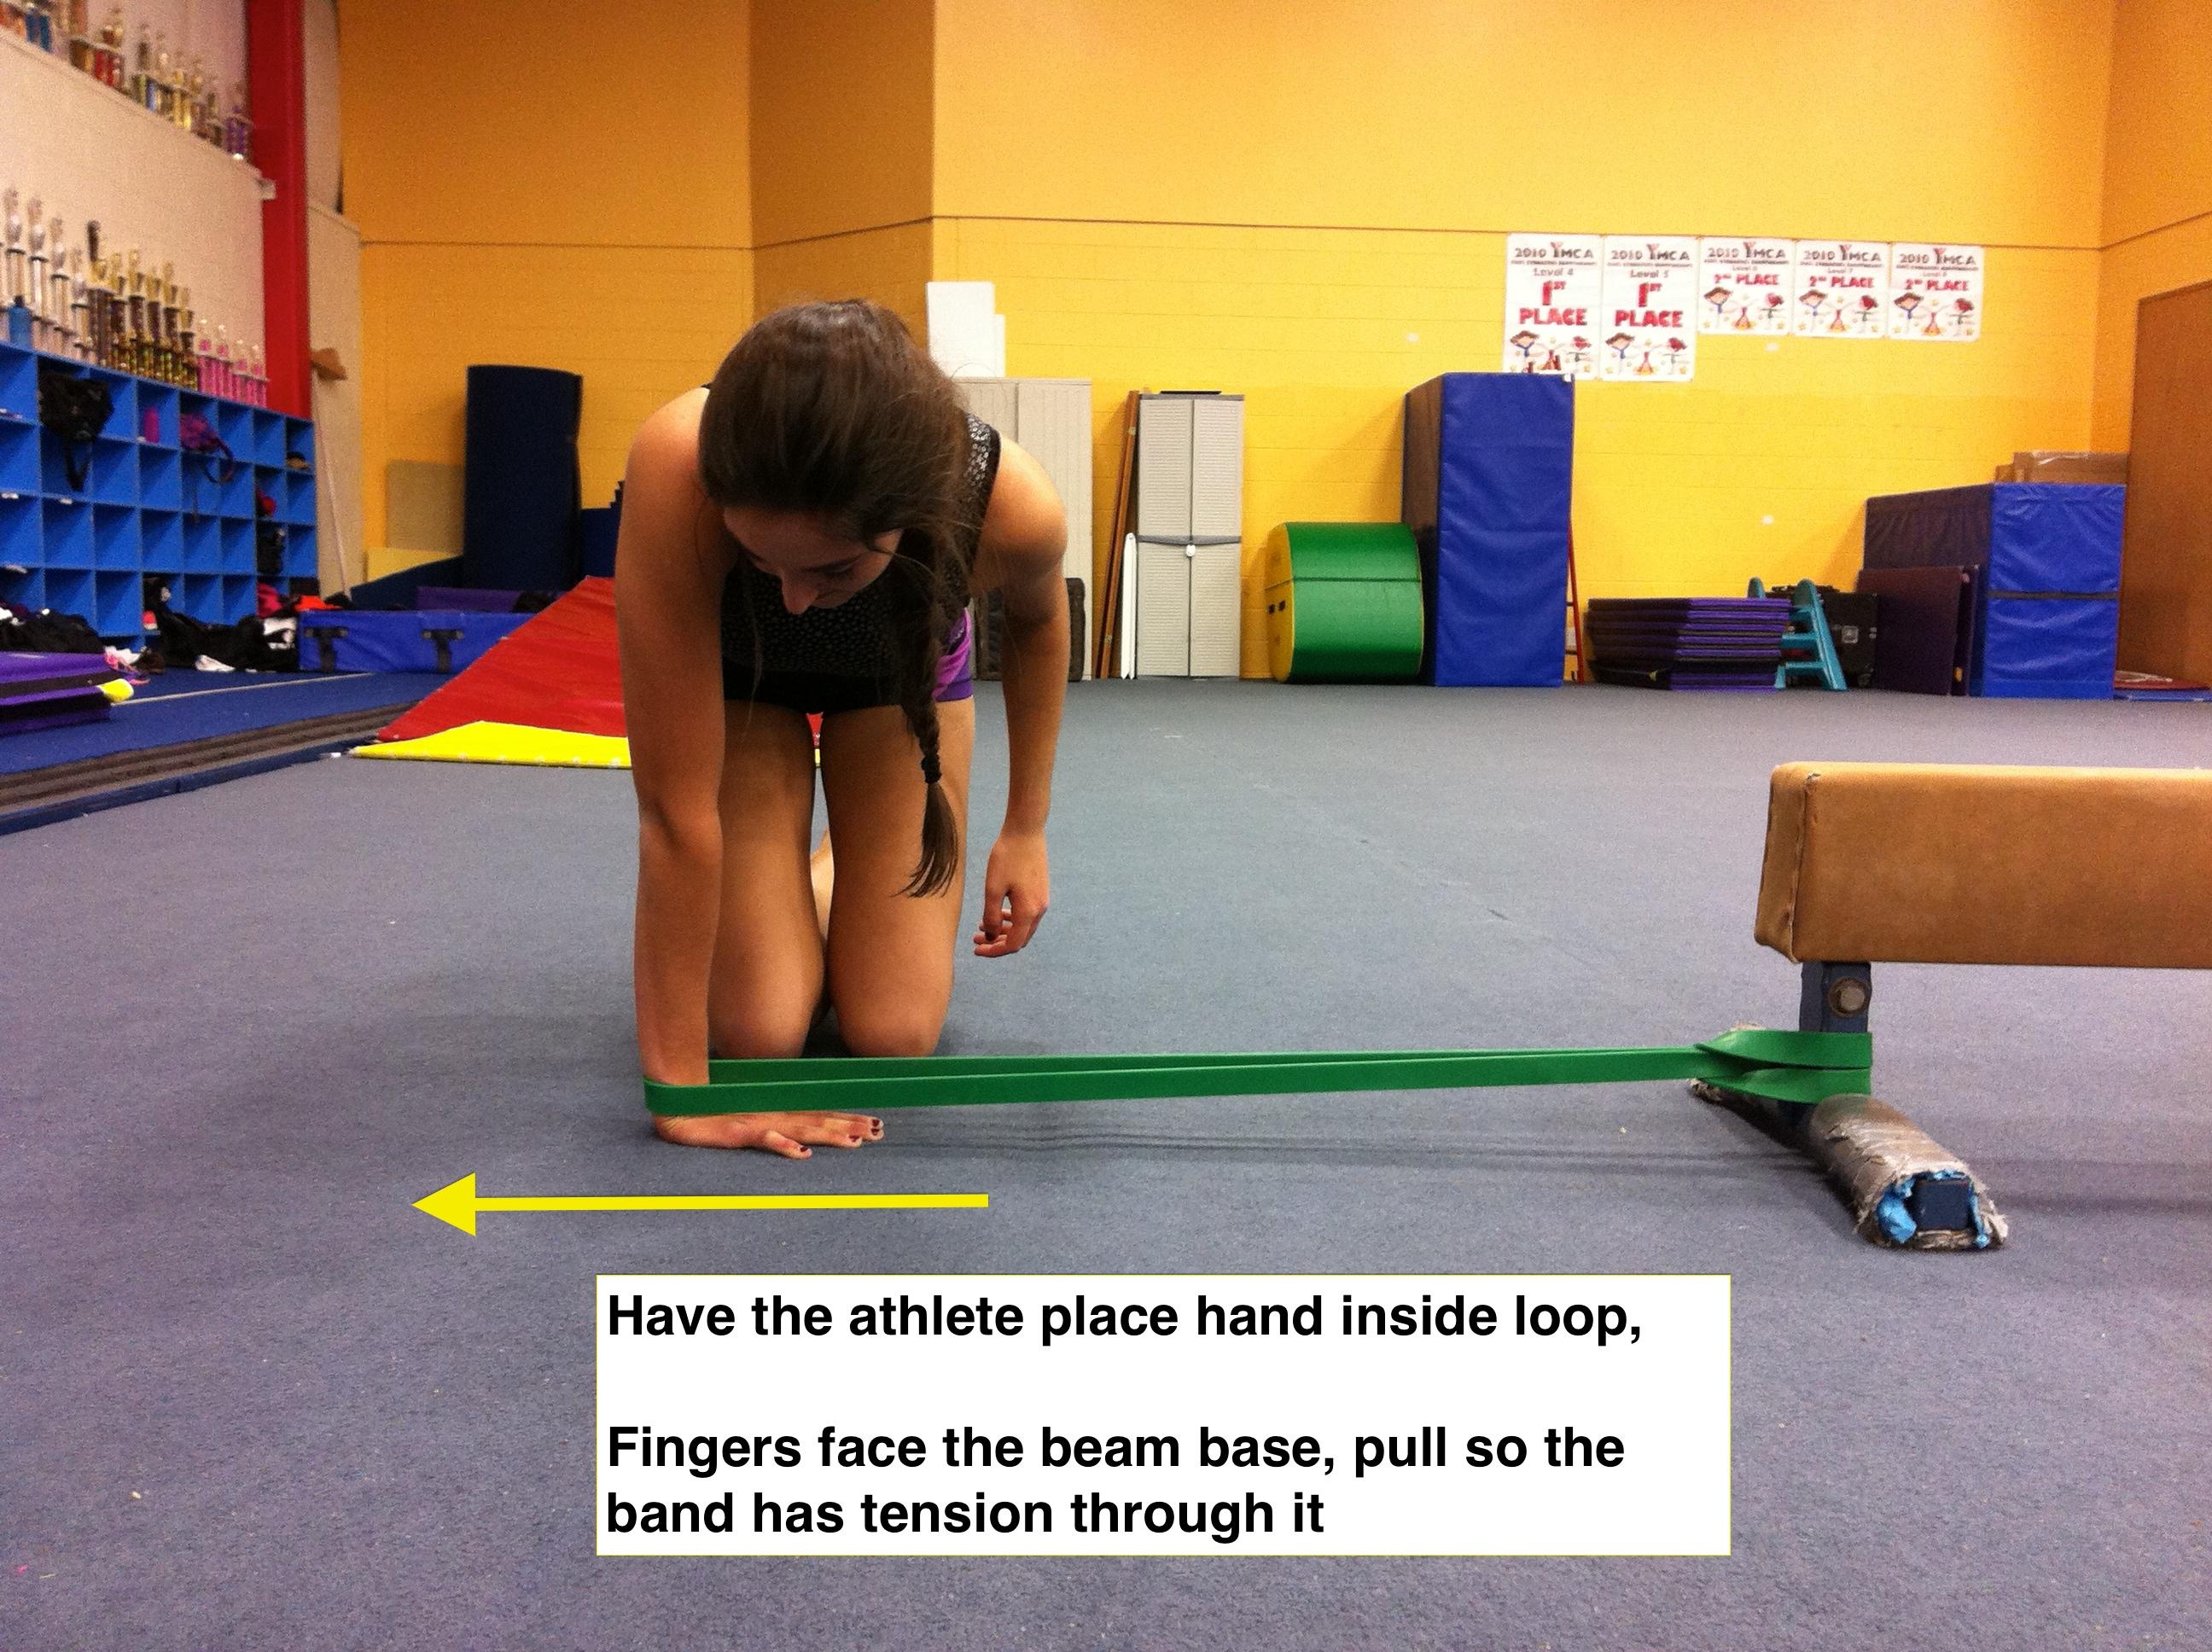 Wrist Pain In Gymnastics: Understanding Contributing ...